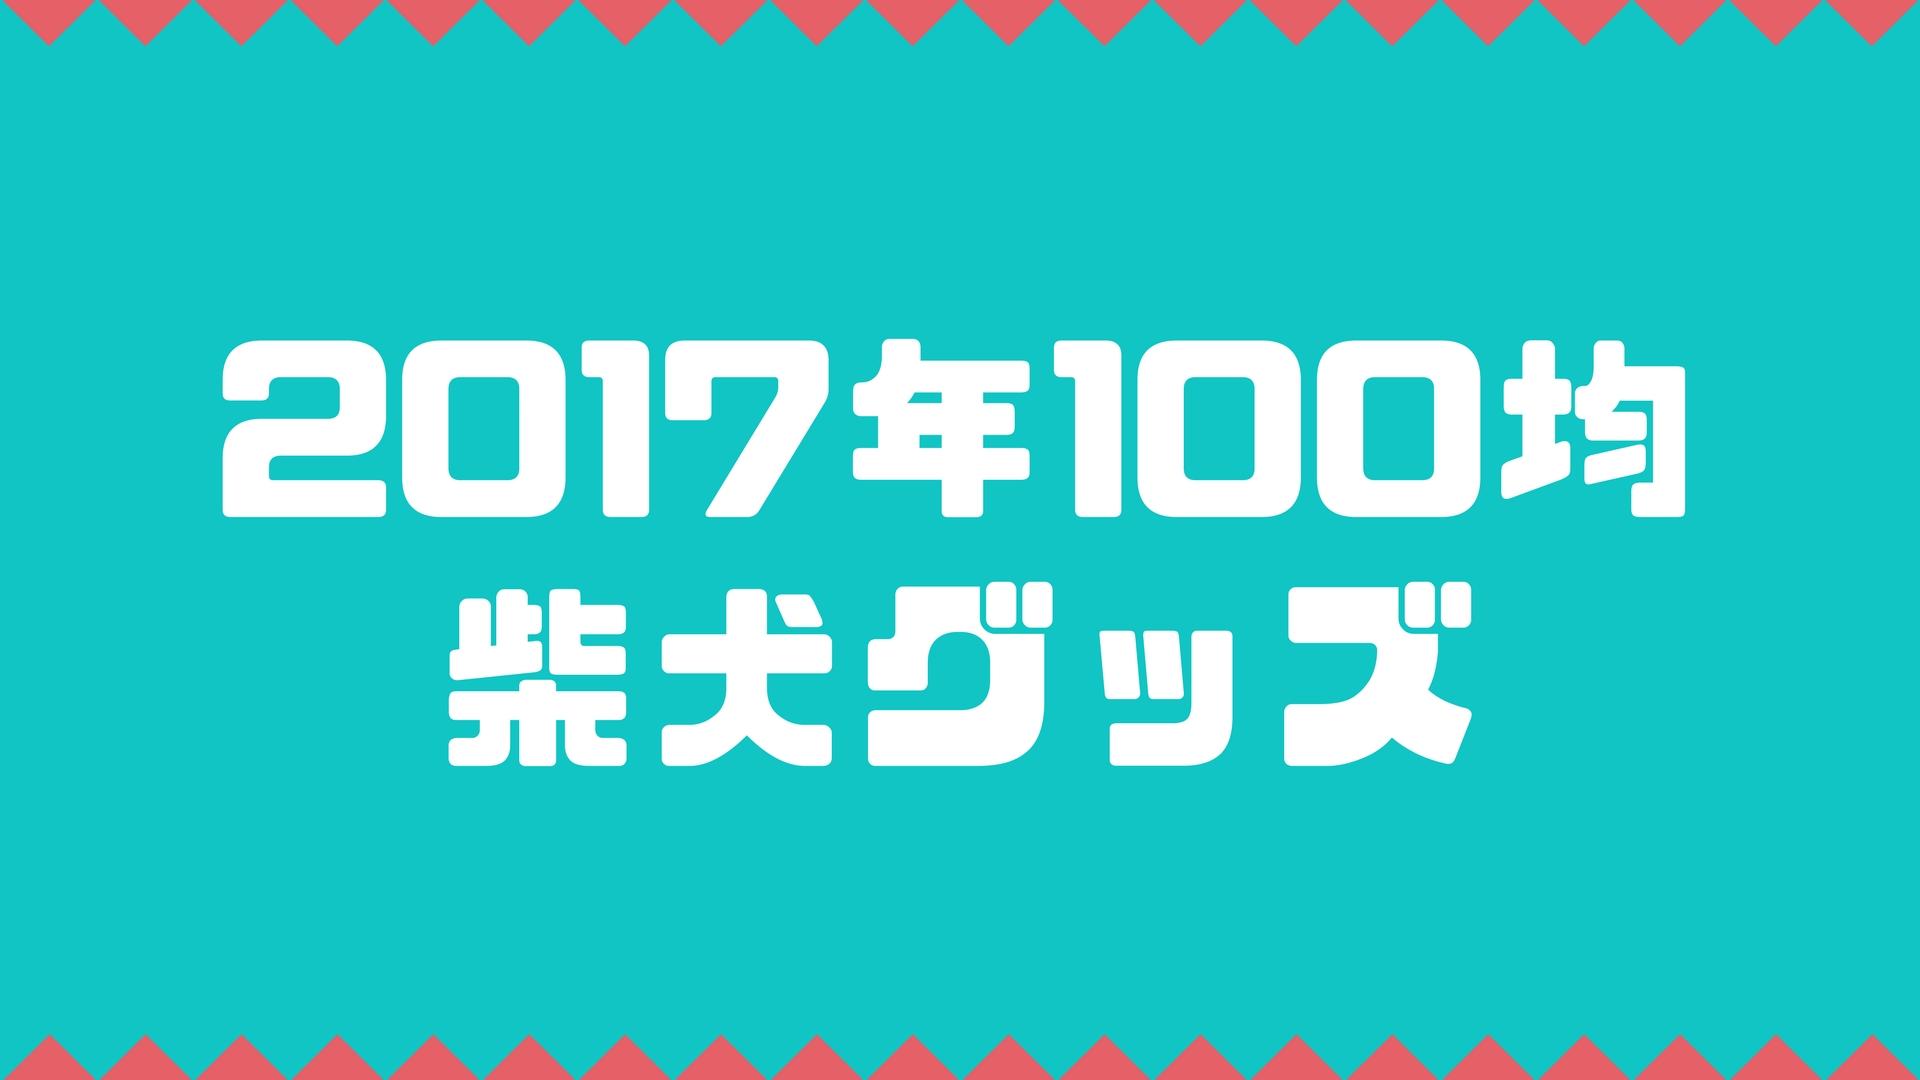 【2017年】100均で買った柴犬グッズを自慢する!ダイソー・キャンドゥ・seria